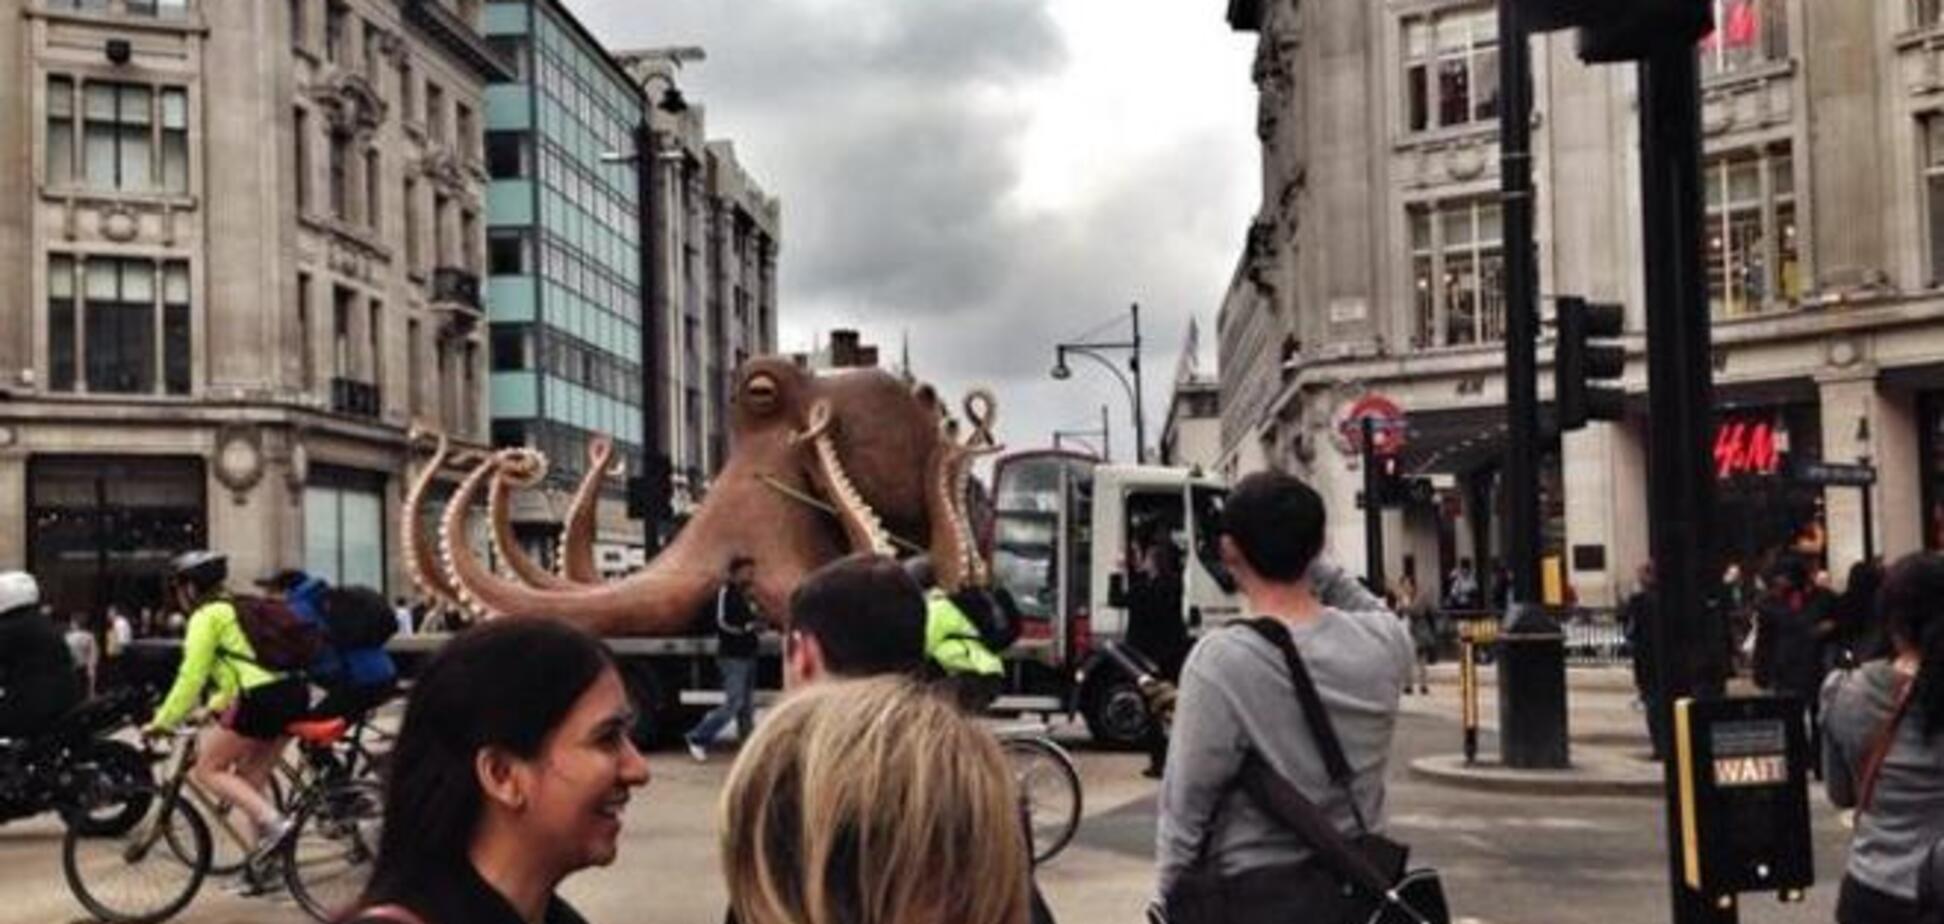 Огромный осьминог устроил затор в центре Лондона. Фотофакт